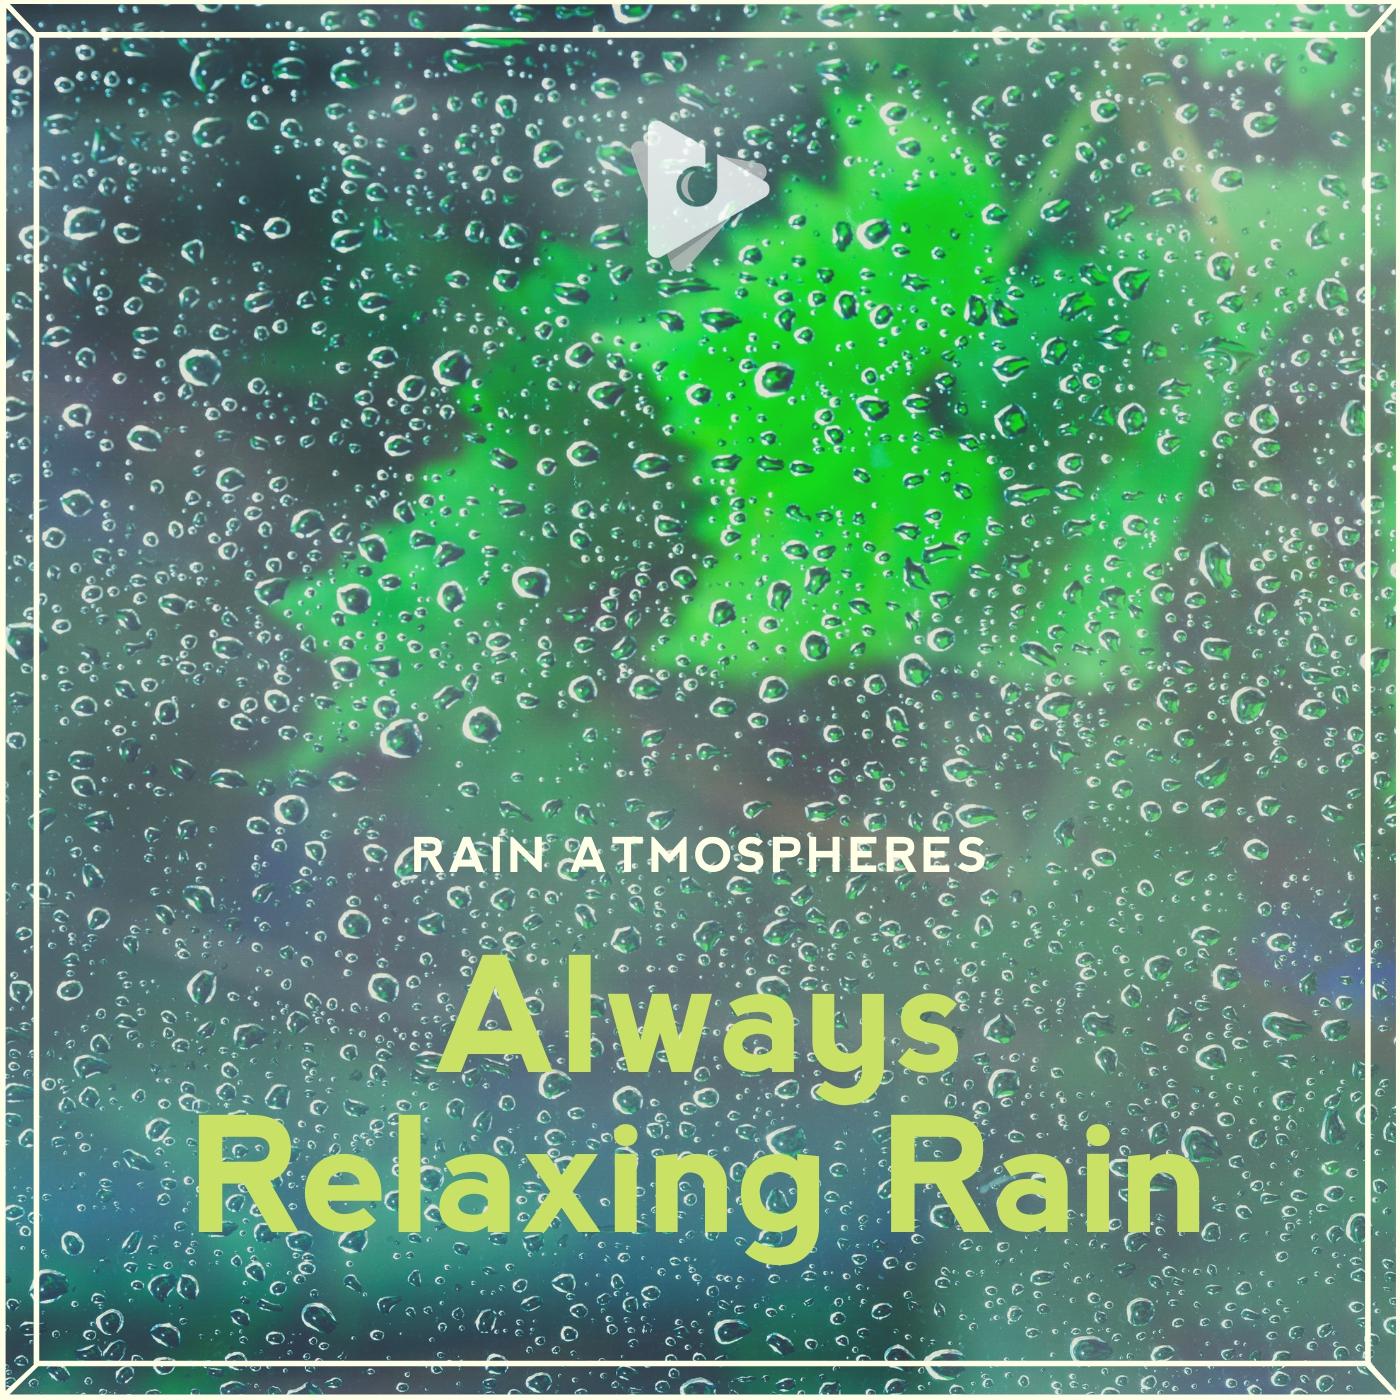 Always Relaxing Rain